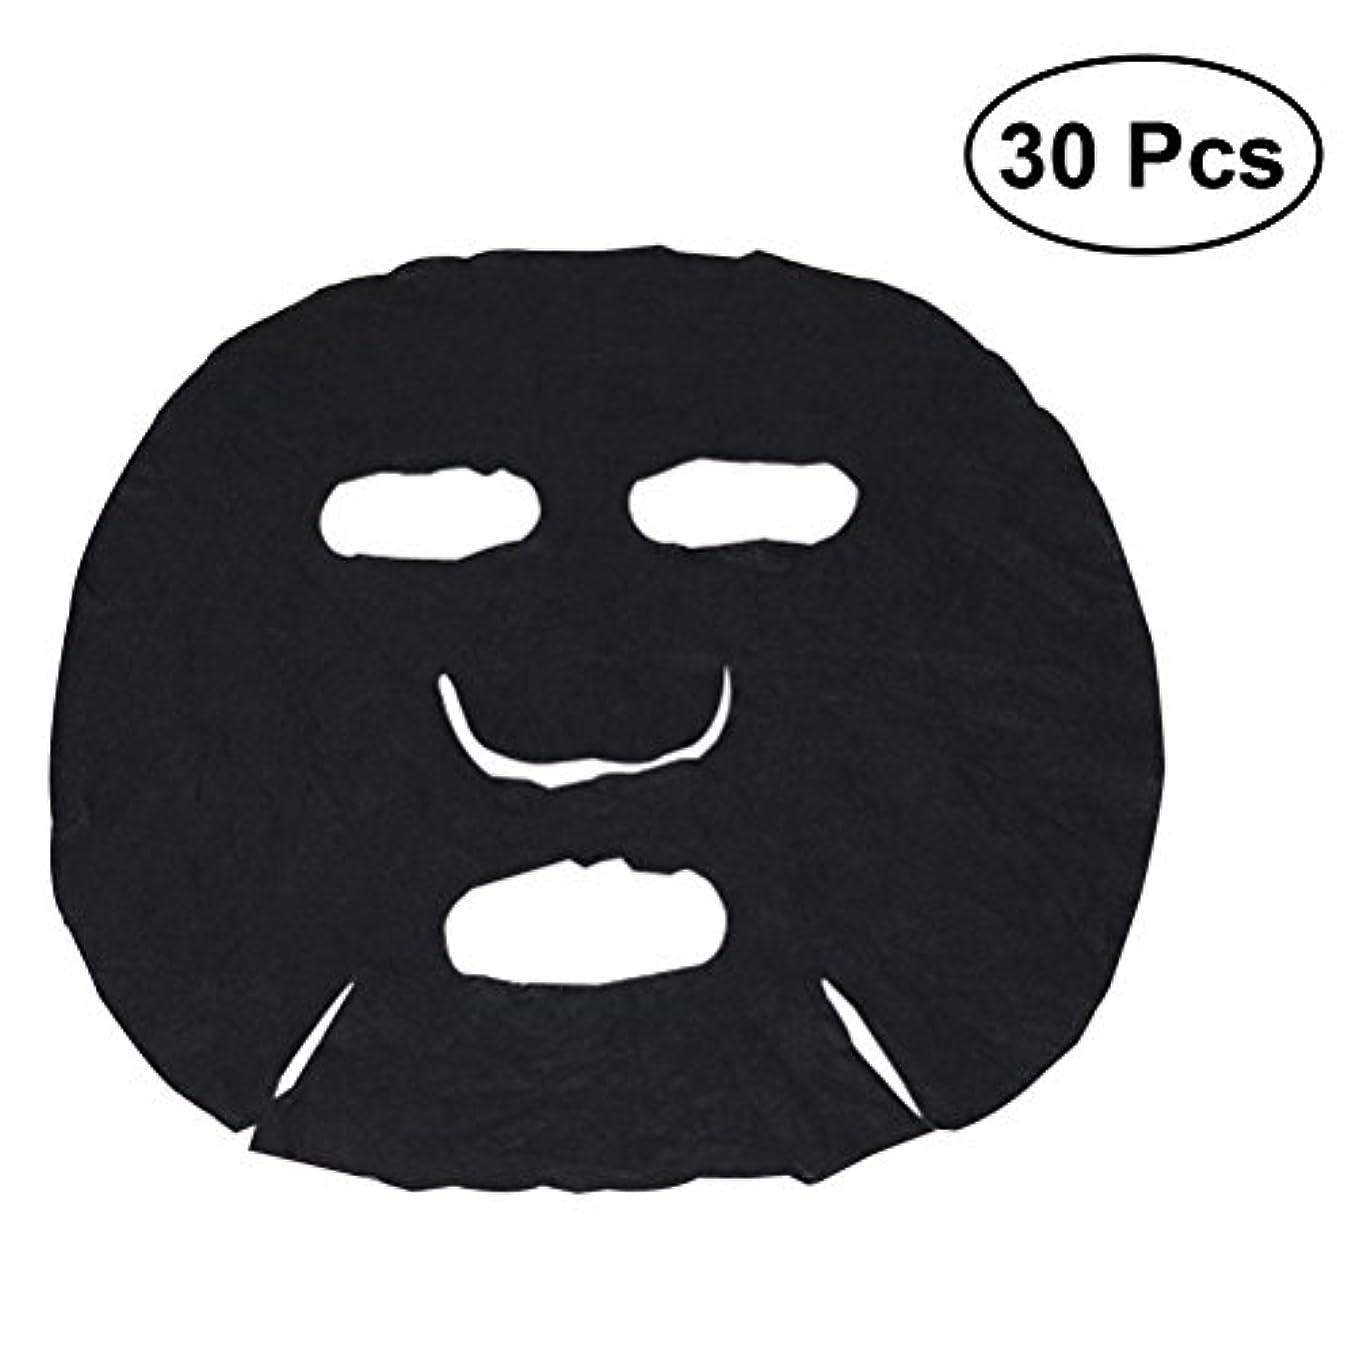 ナプキン痛み肘掛け椅子Frcolor 圧縮マスク 圧縮フェイスパック 竹炭 圧縮マスクシート スキンケア DIY 30枚入り 携帯便利 使い捨て